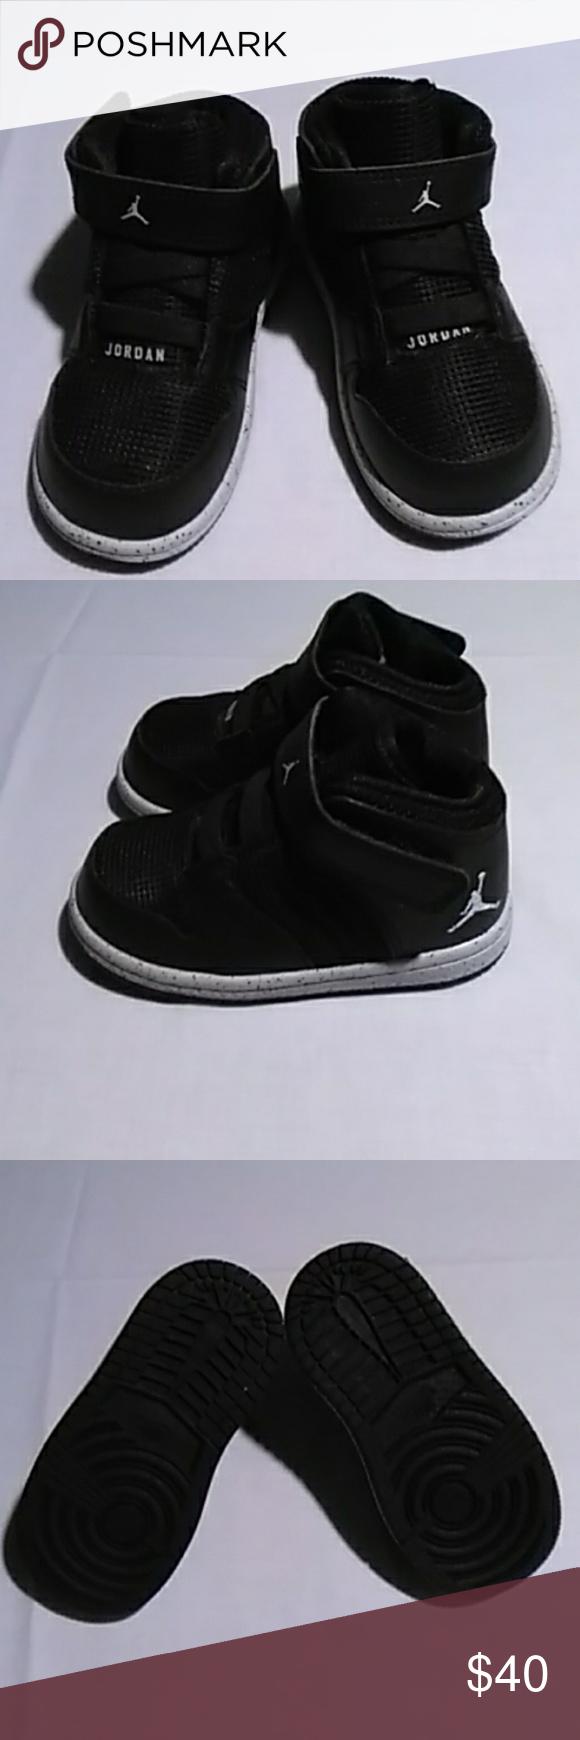 all black infant jordans